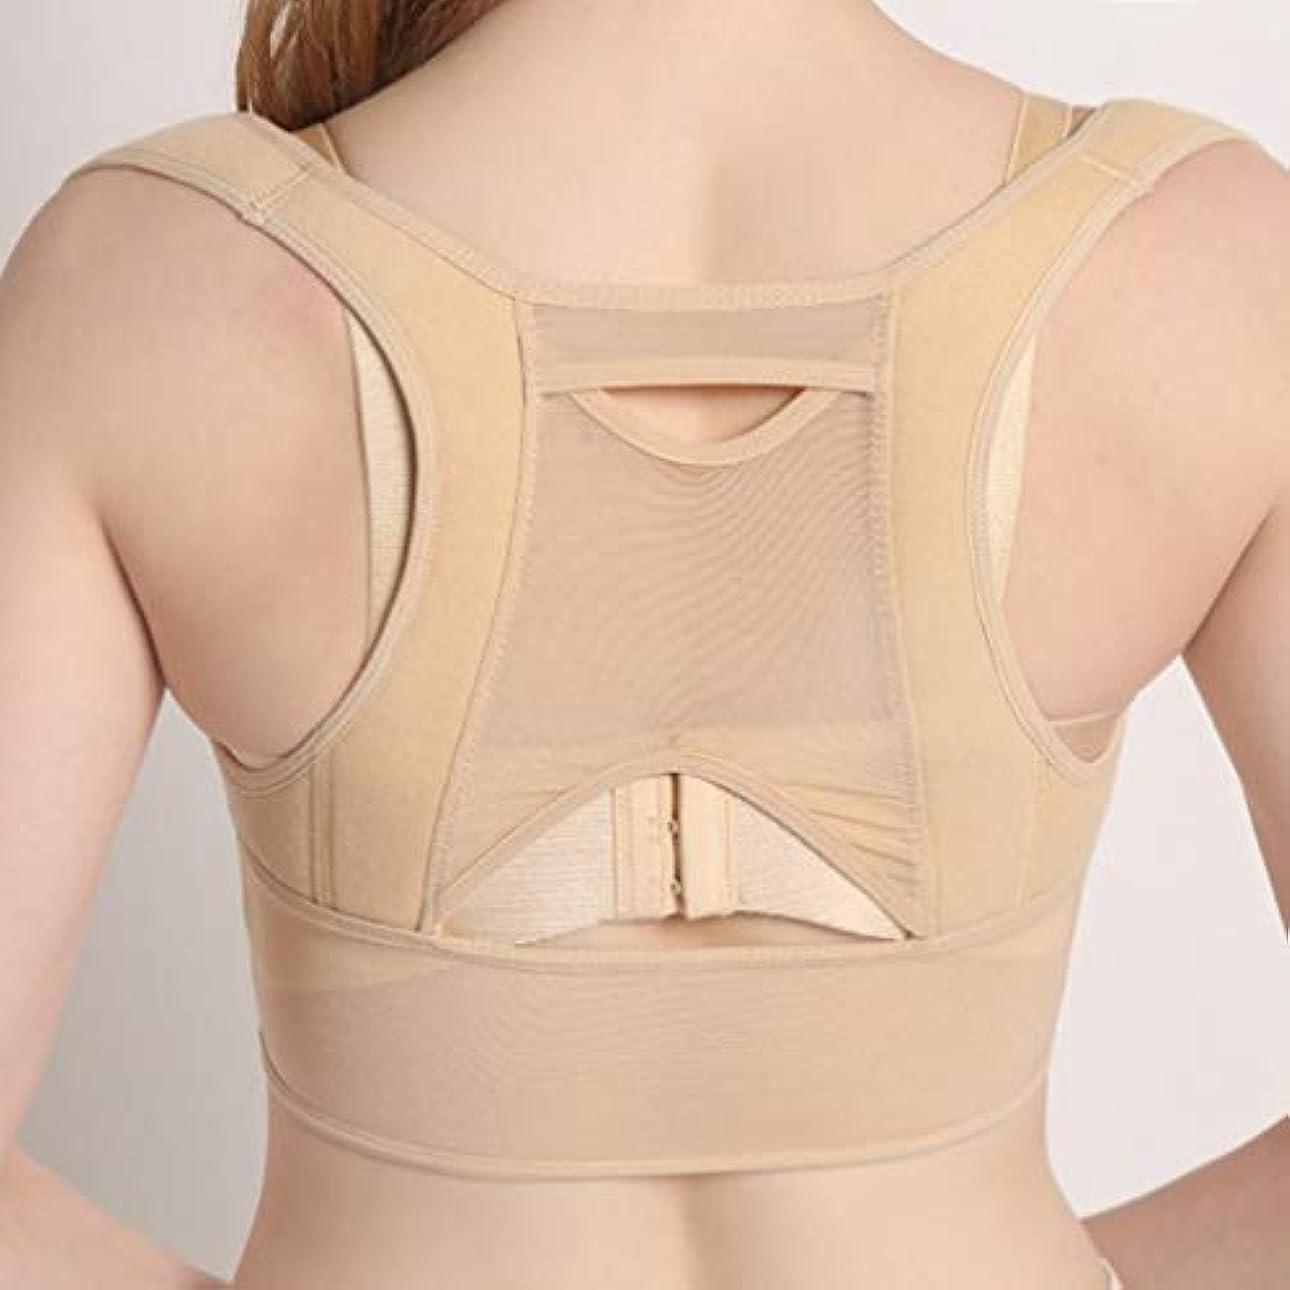 瞑想するポテトオーラル背部姿勢補正コルセット上背部肩背骨姿勢補正器背部姿勢、補正コルセット、整形外科、上背部、肩背骨、姿勢補正器ベージュホワイトM